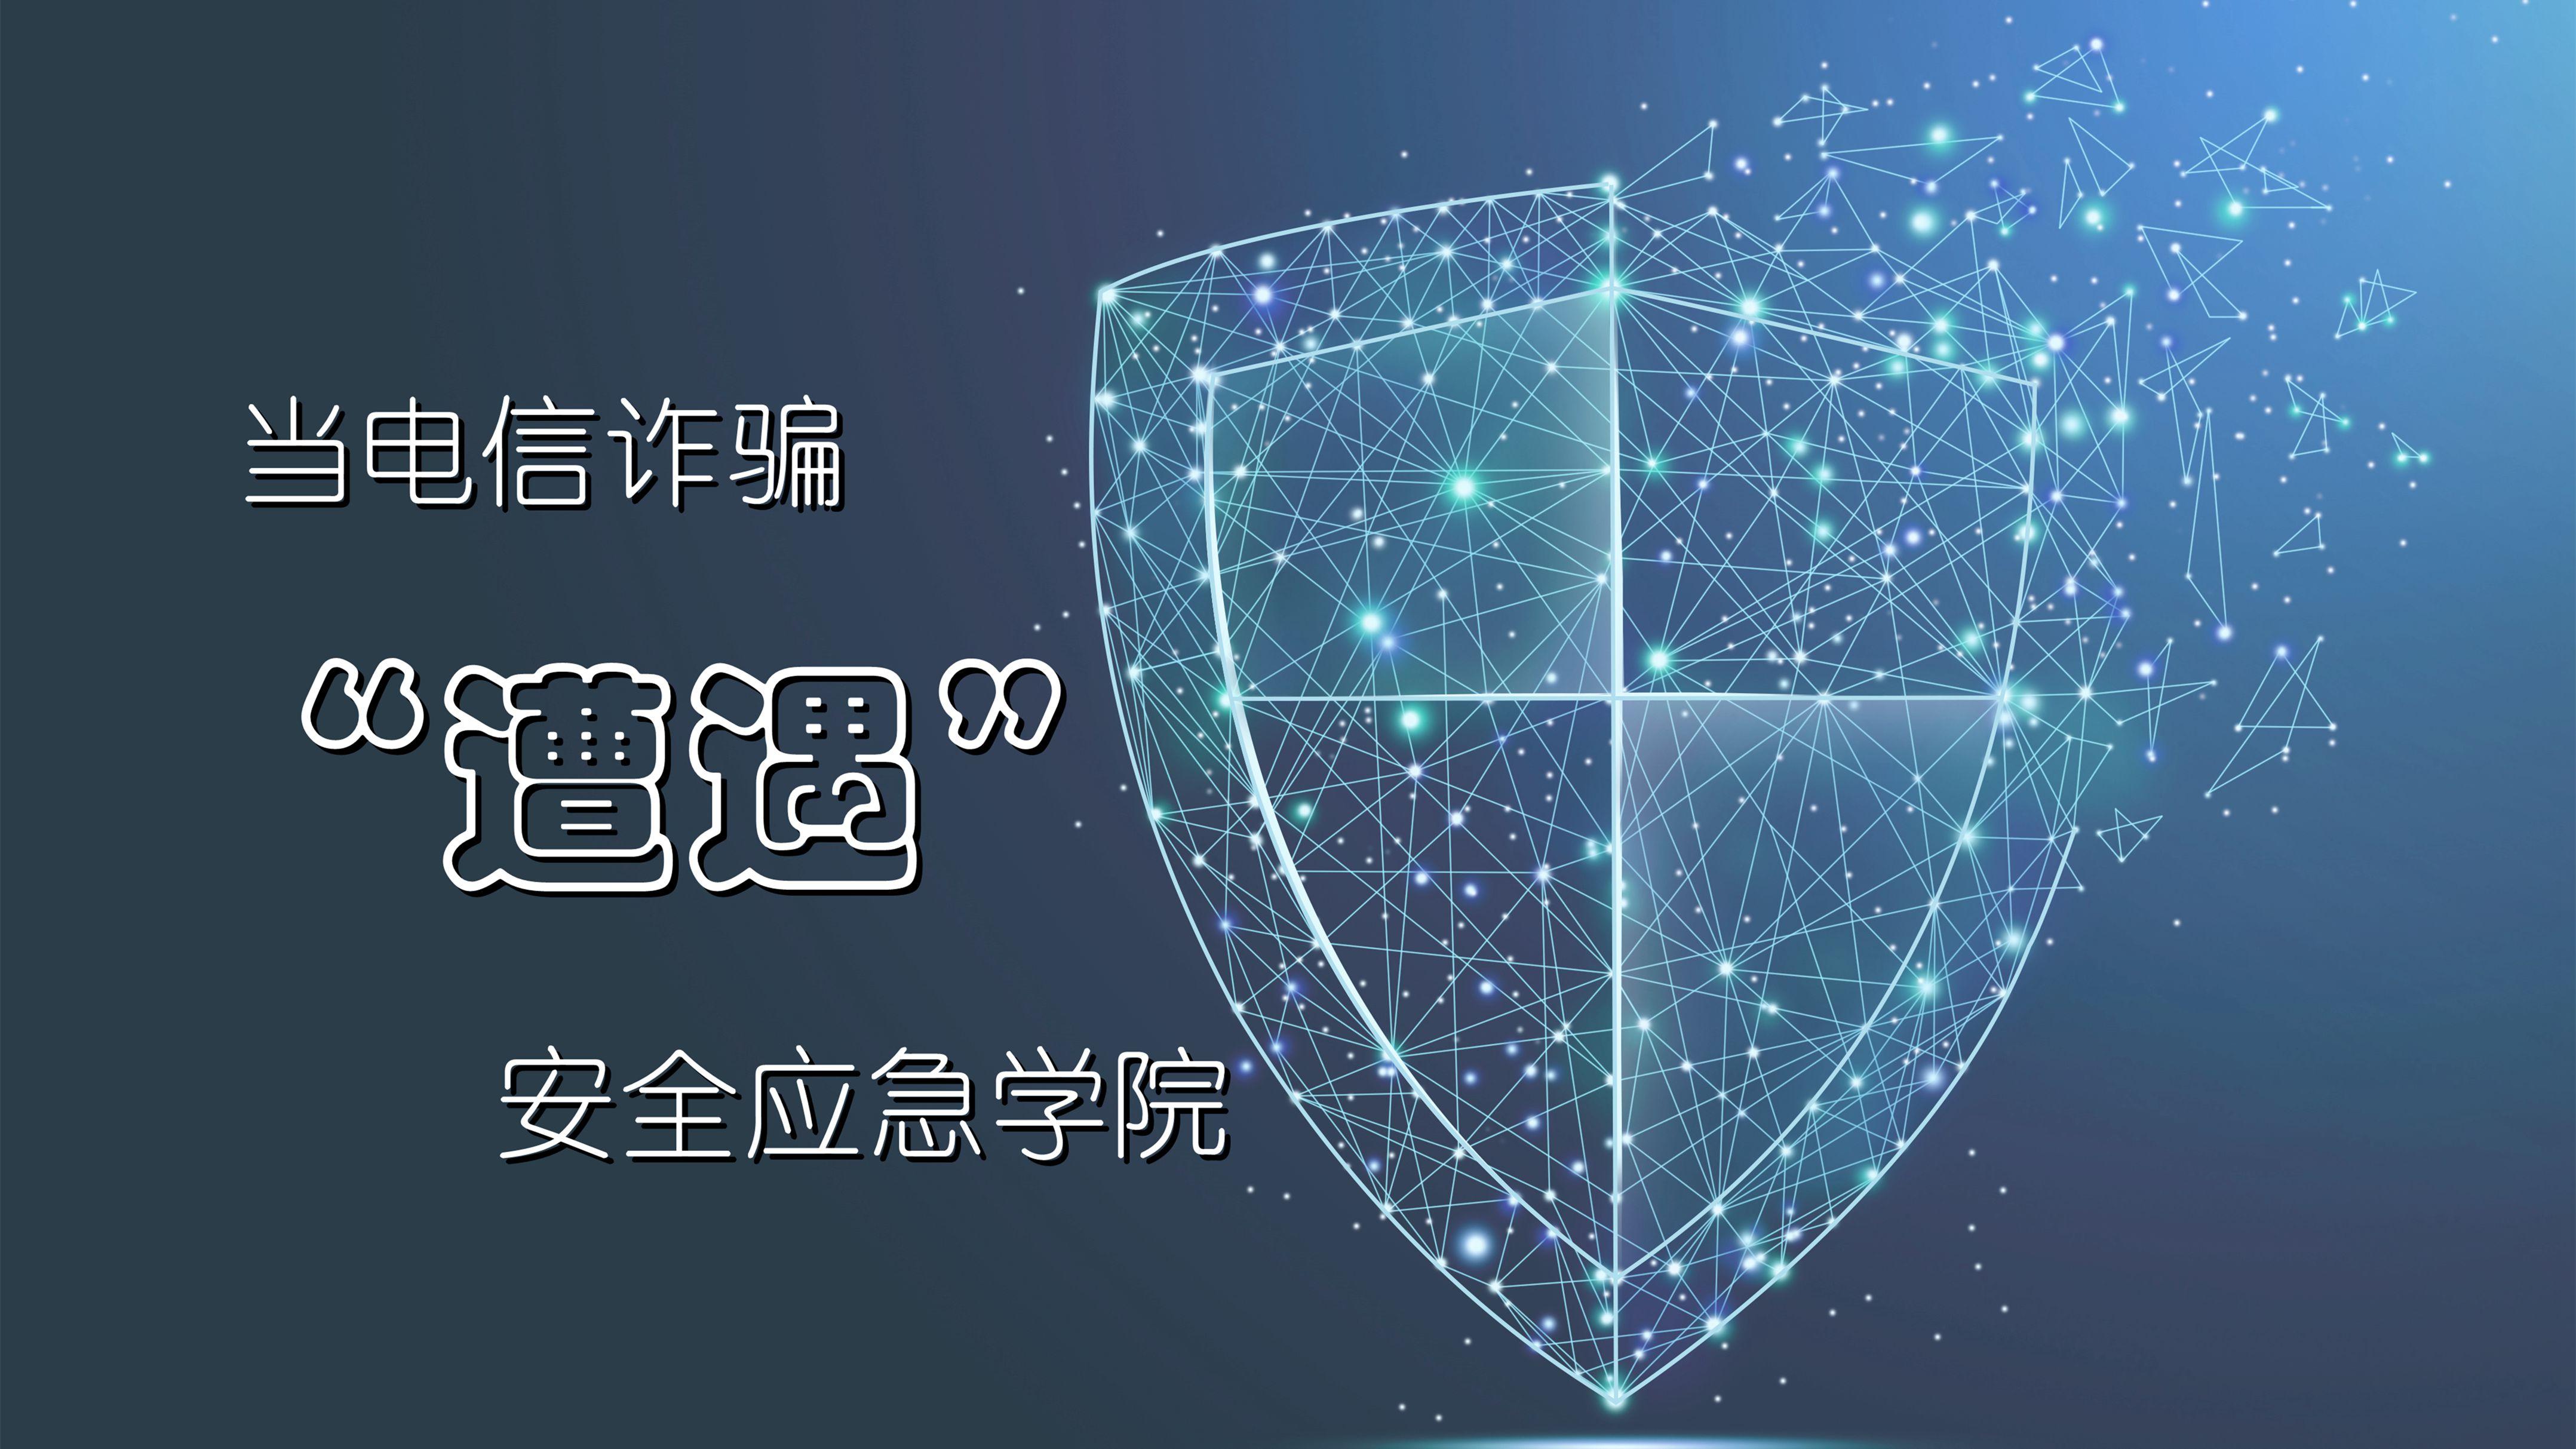 微信:【防电诈系列推送3】 ――大学生可没那么好骗!